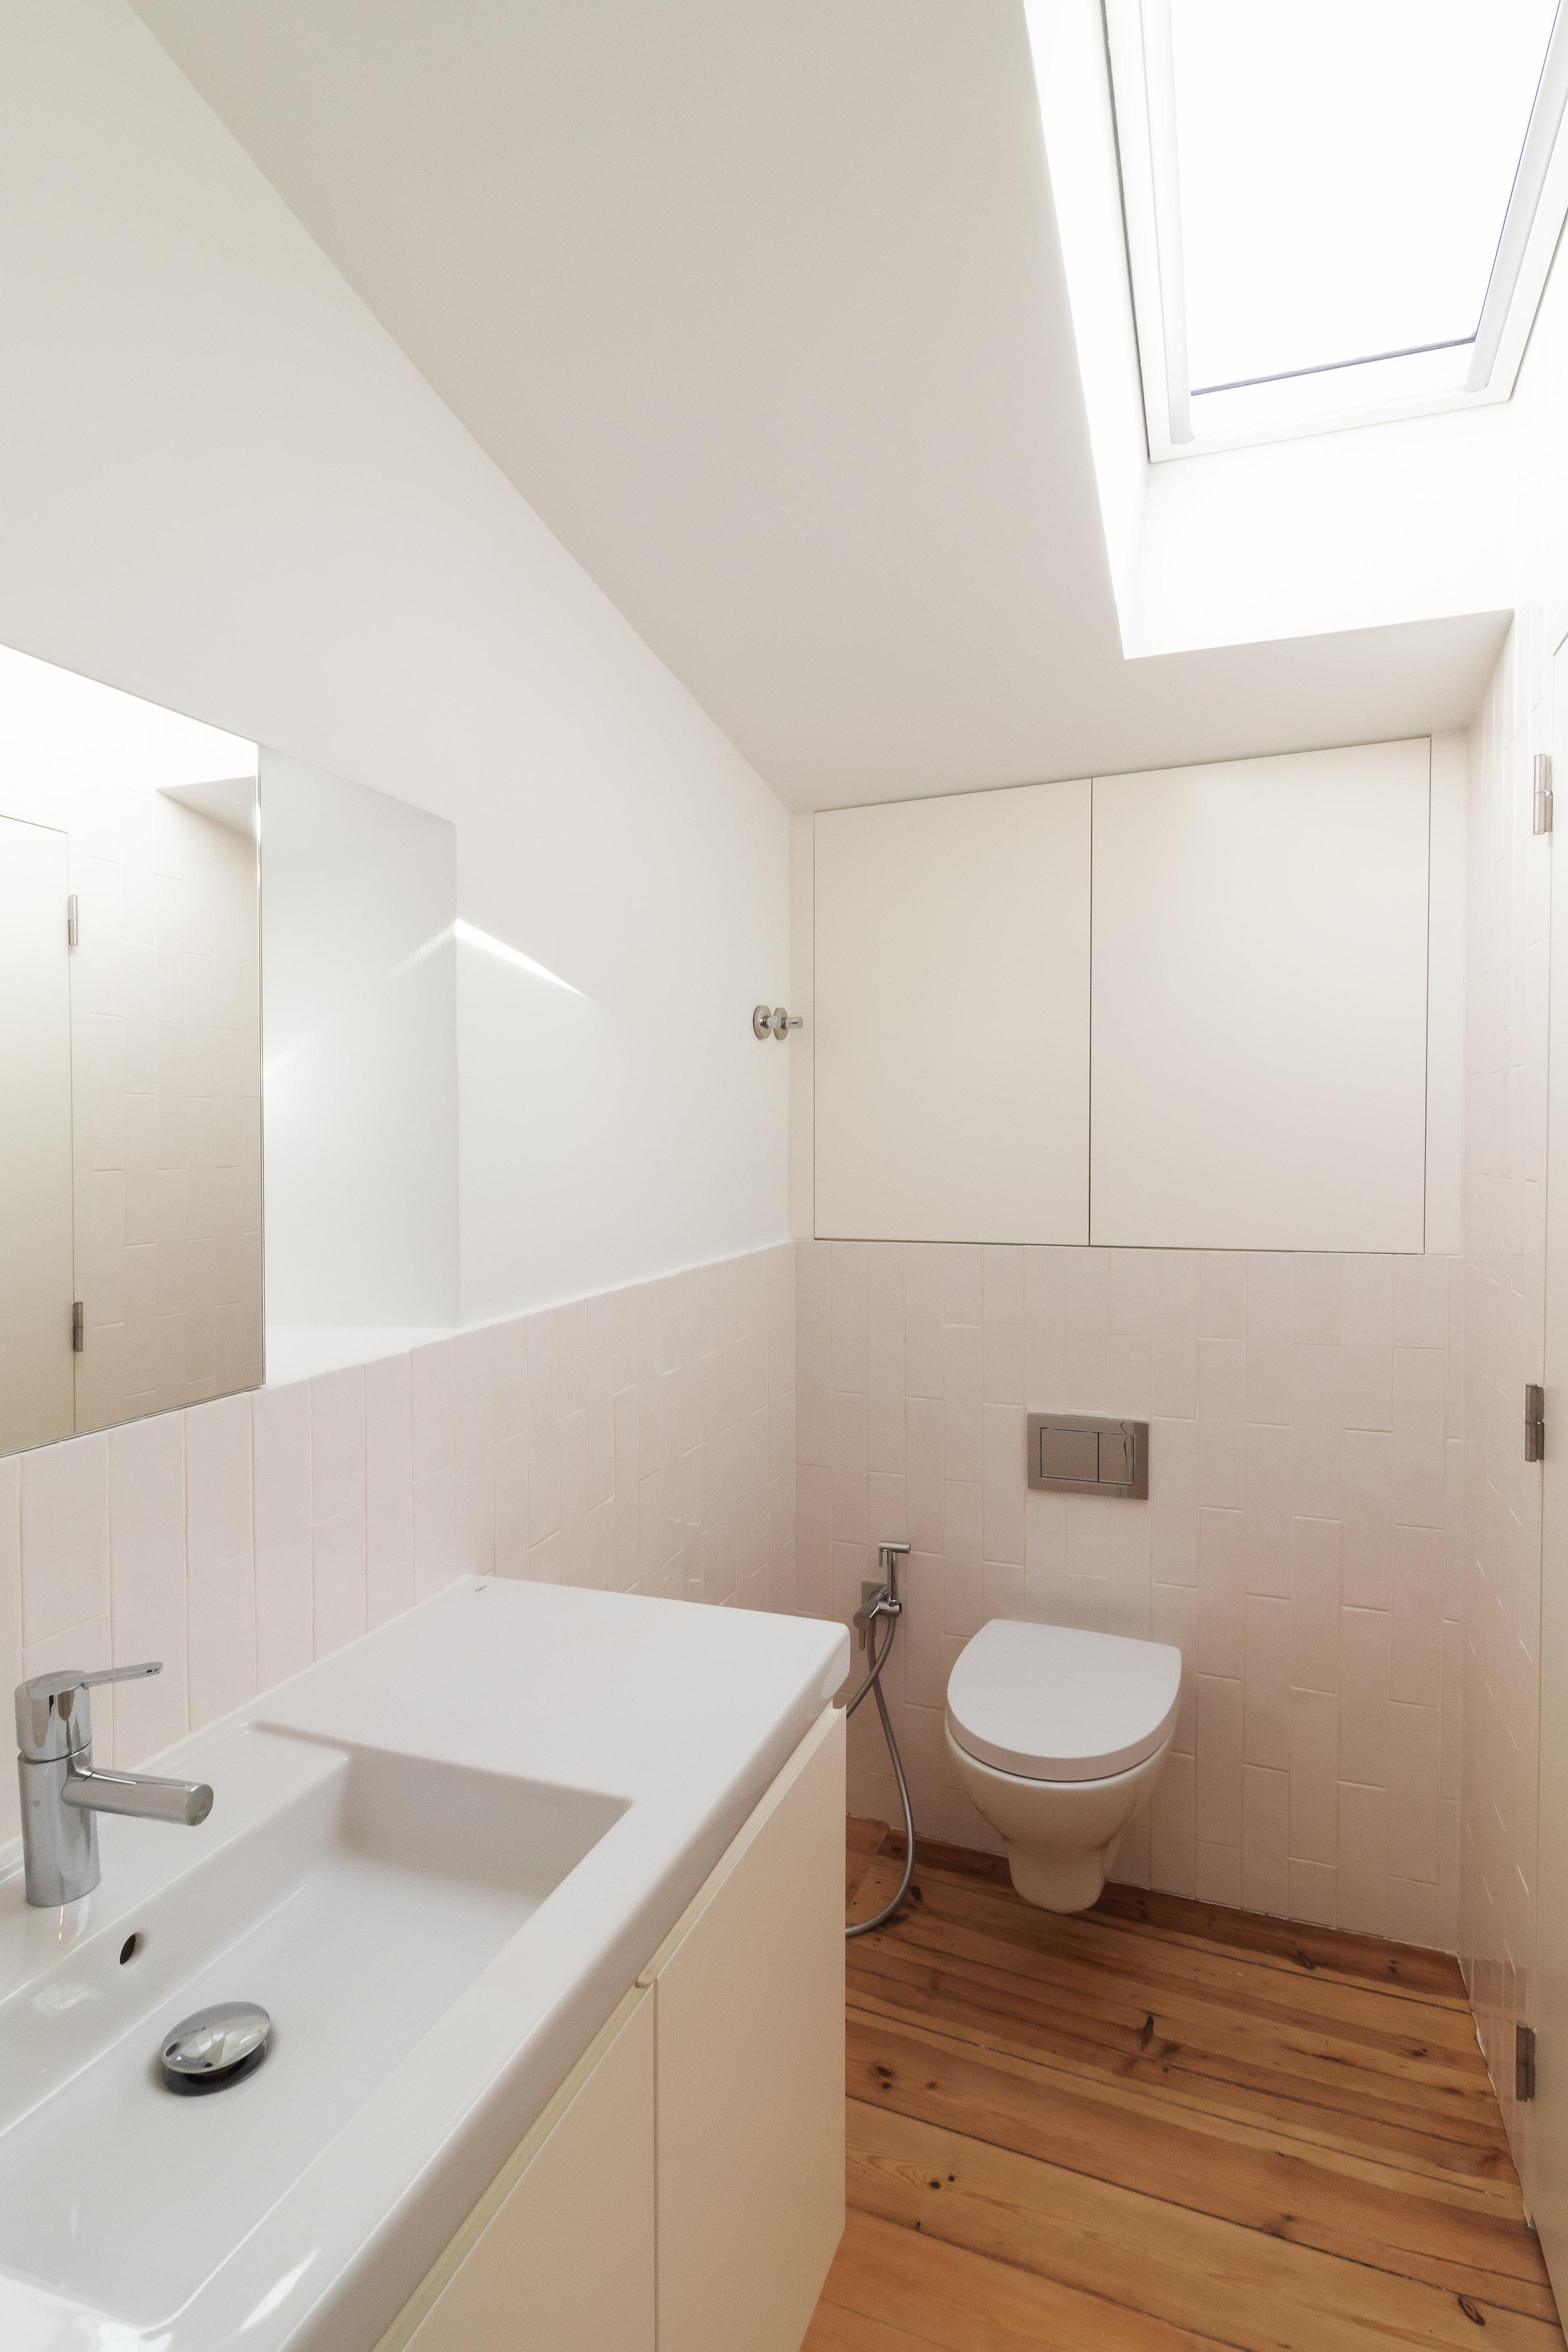 AIA-ApartamentoSe-071.jpg